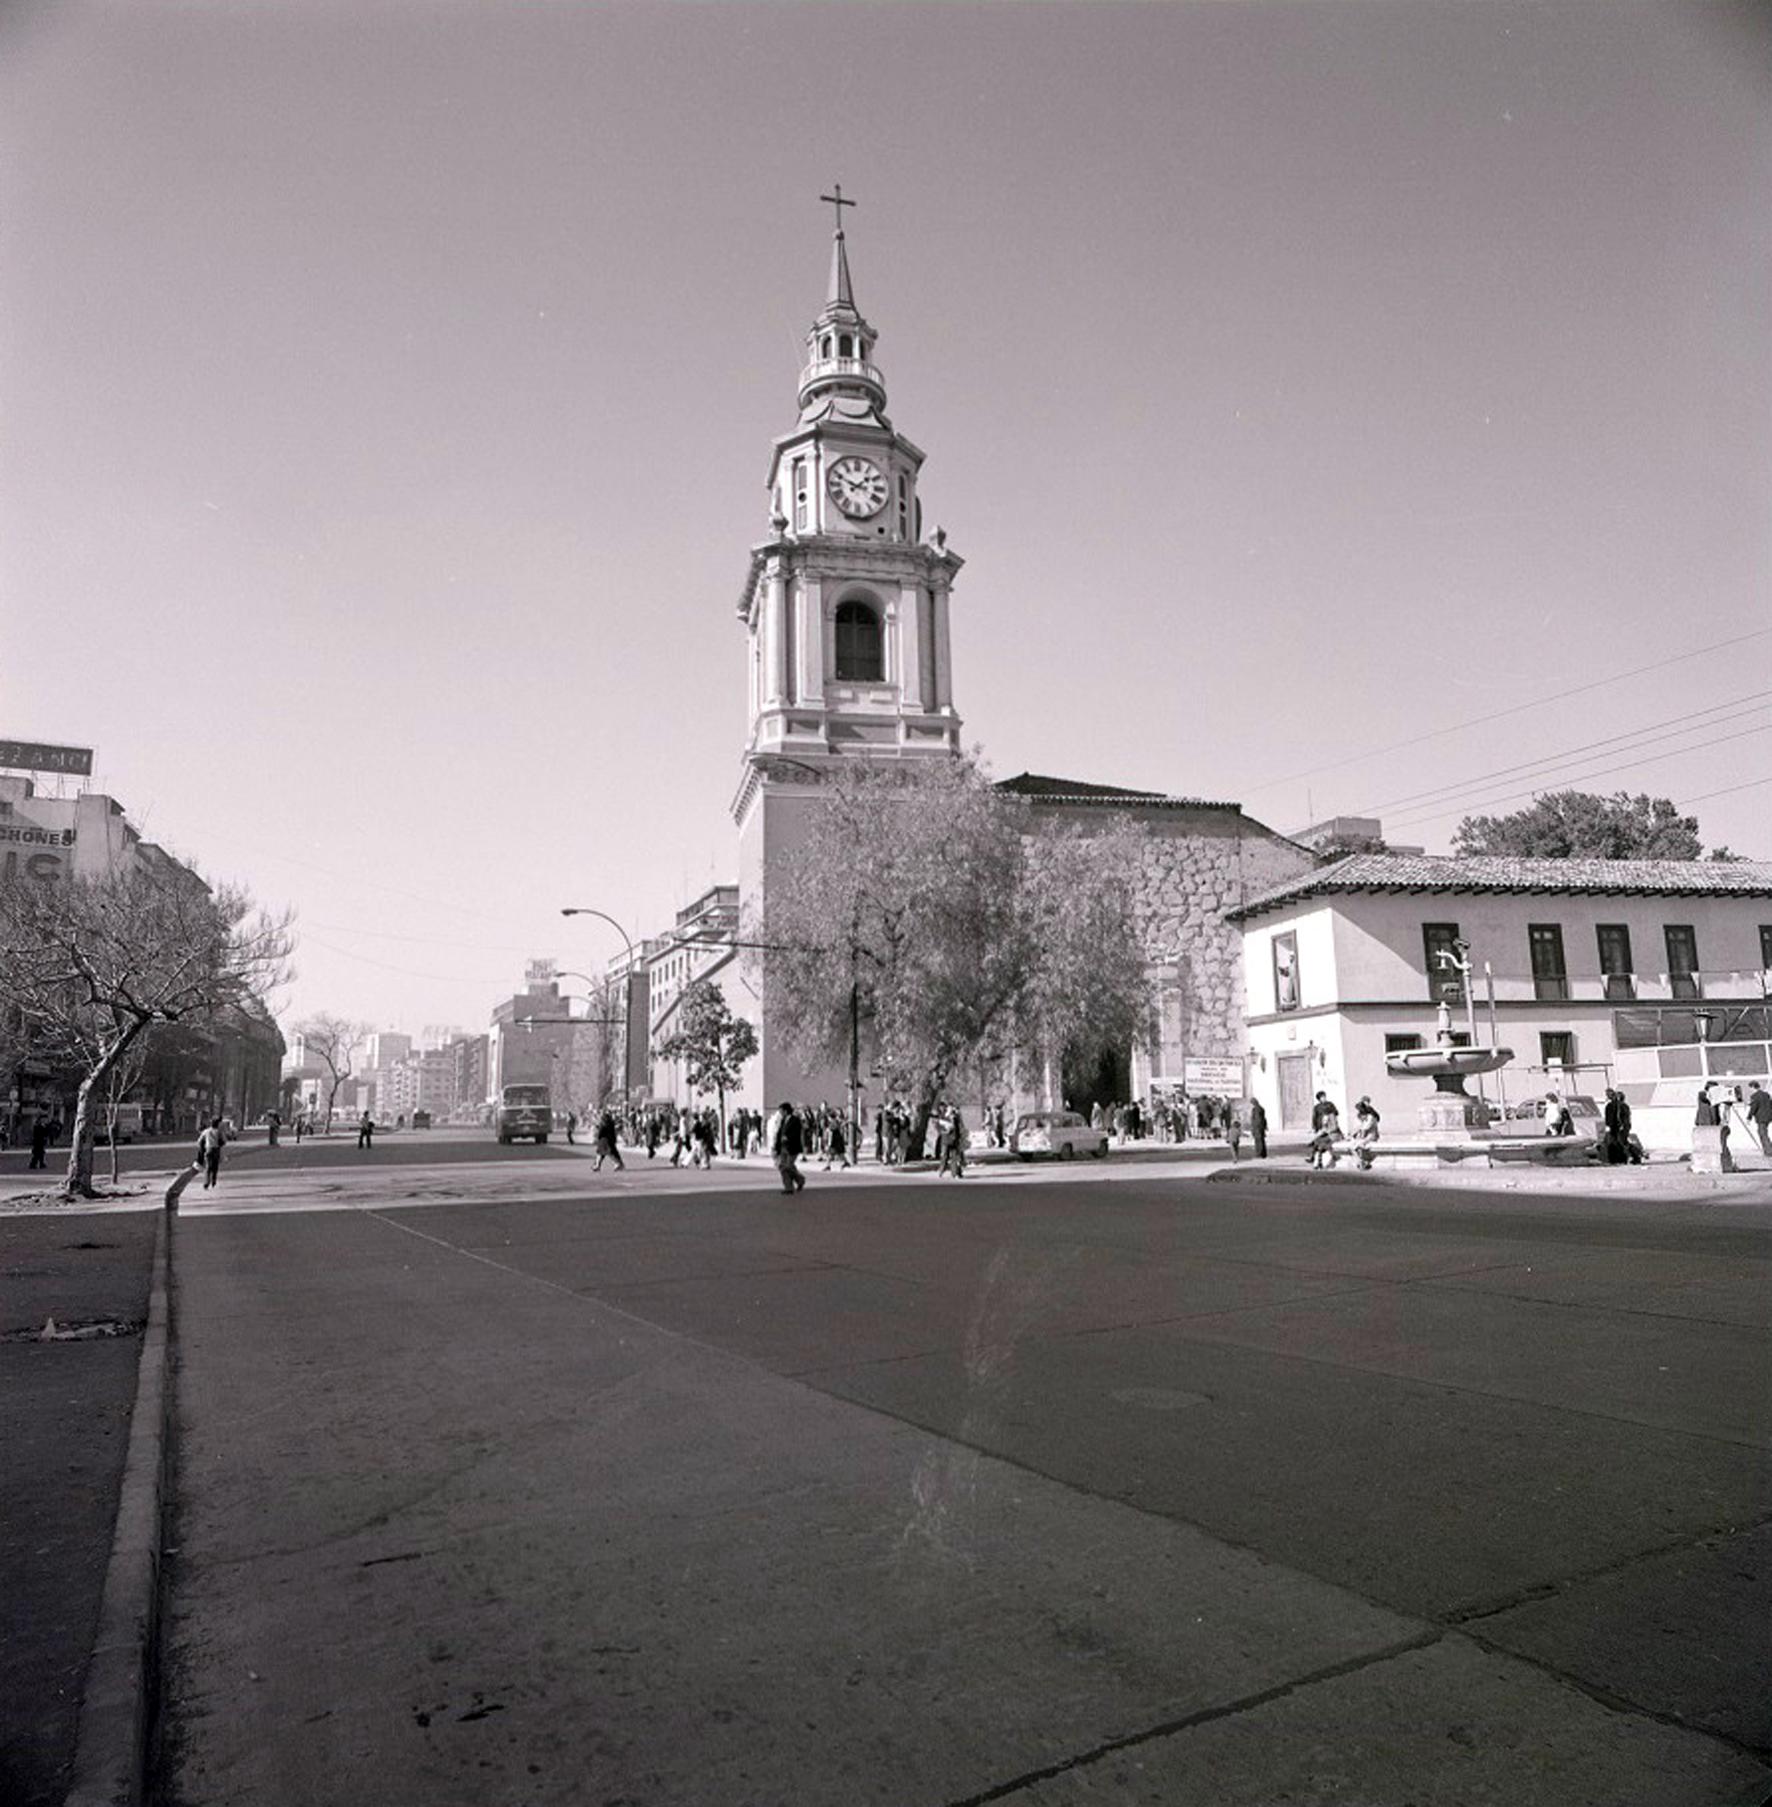 Enterreno - Fotos históricas de chile - fotos antiguas de Chile - Alameda e Iglesia San Francisco en 1977